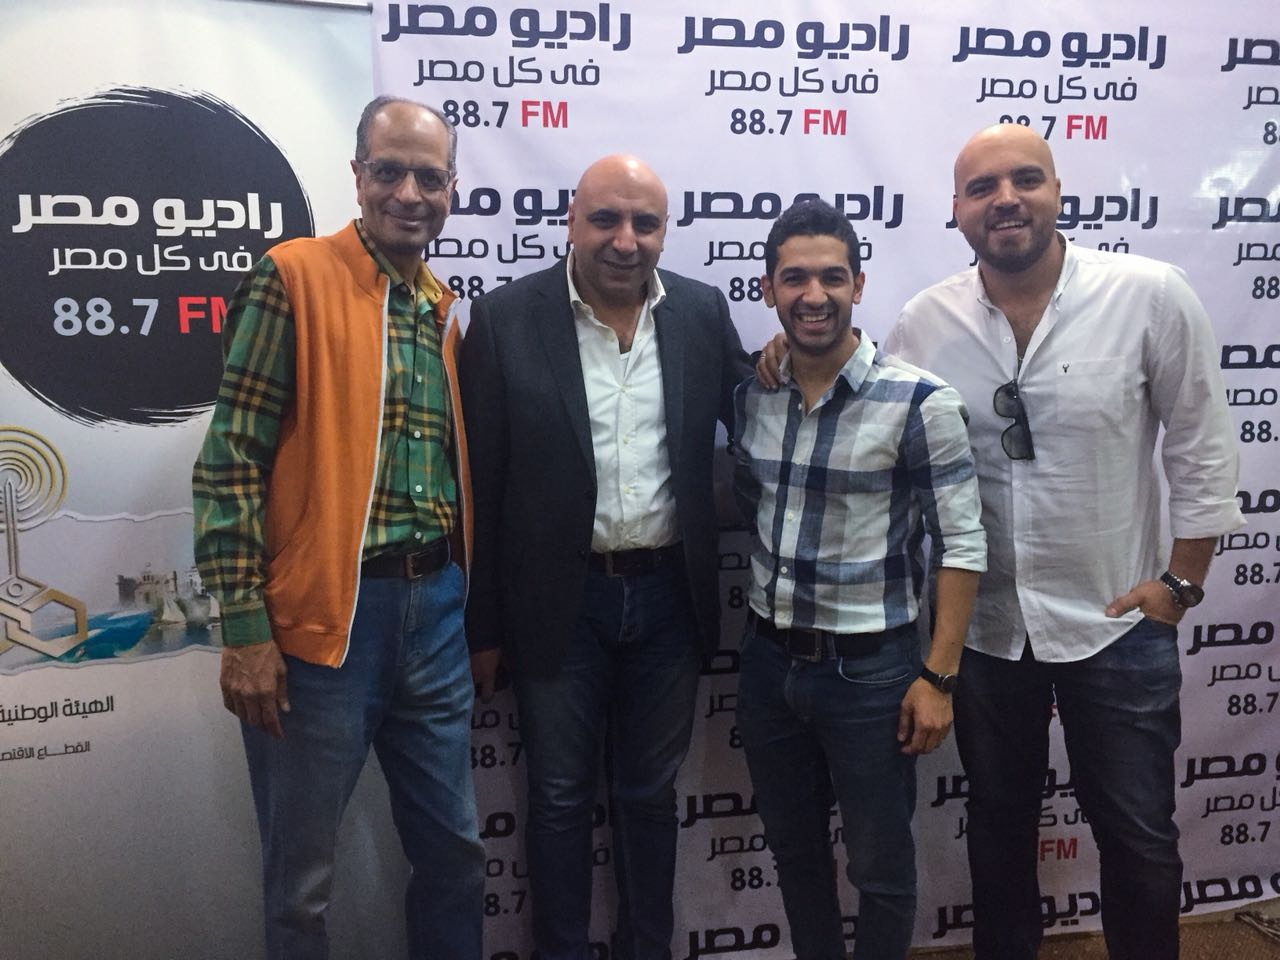 احتفالية راديو مصر (3)